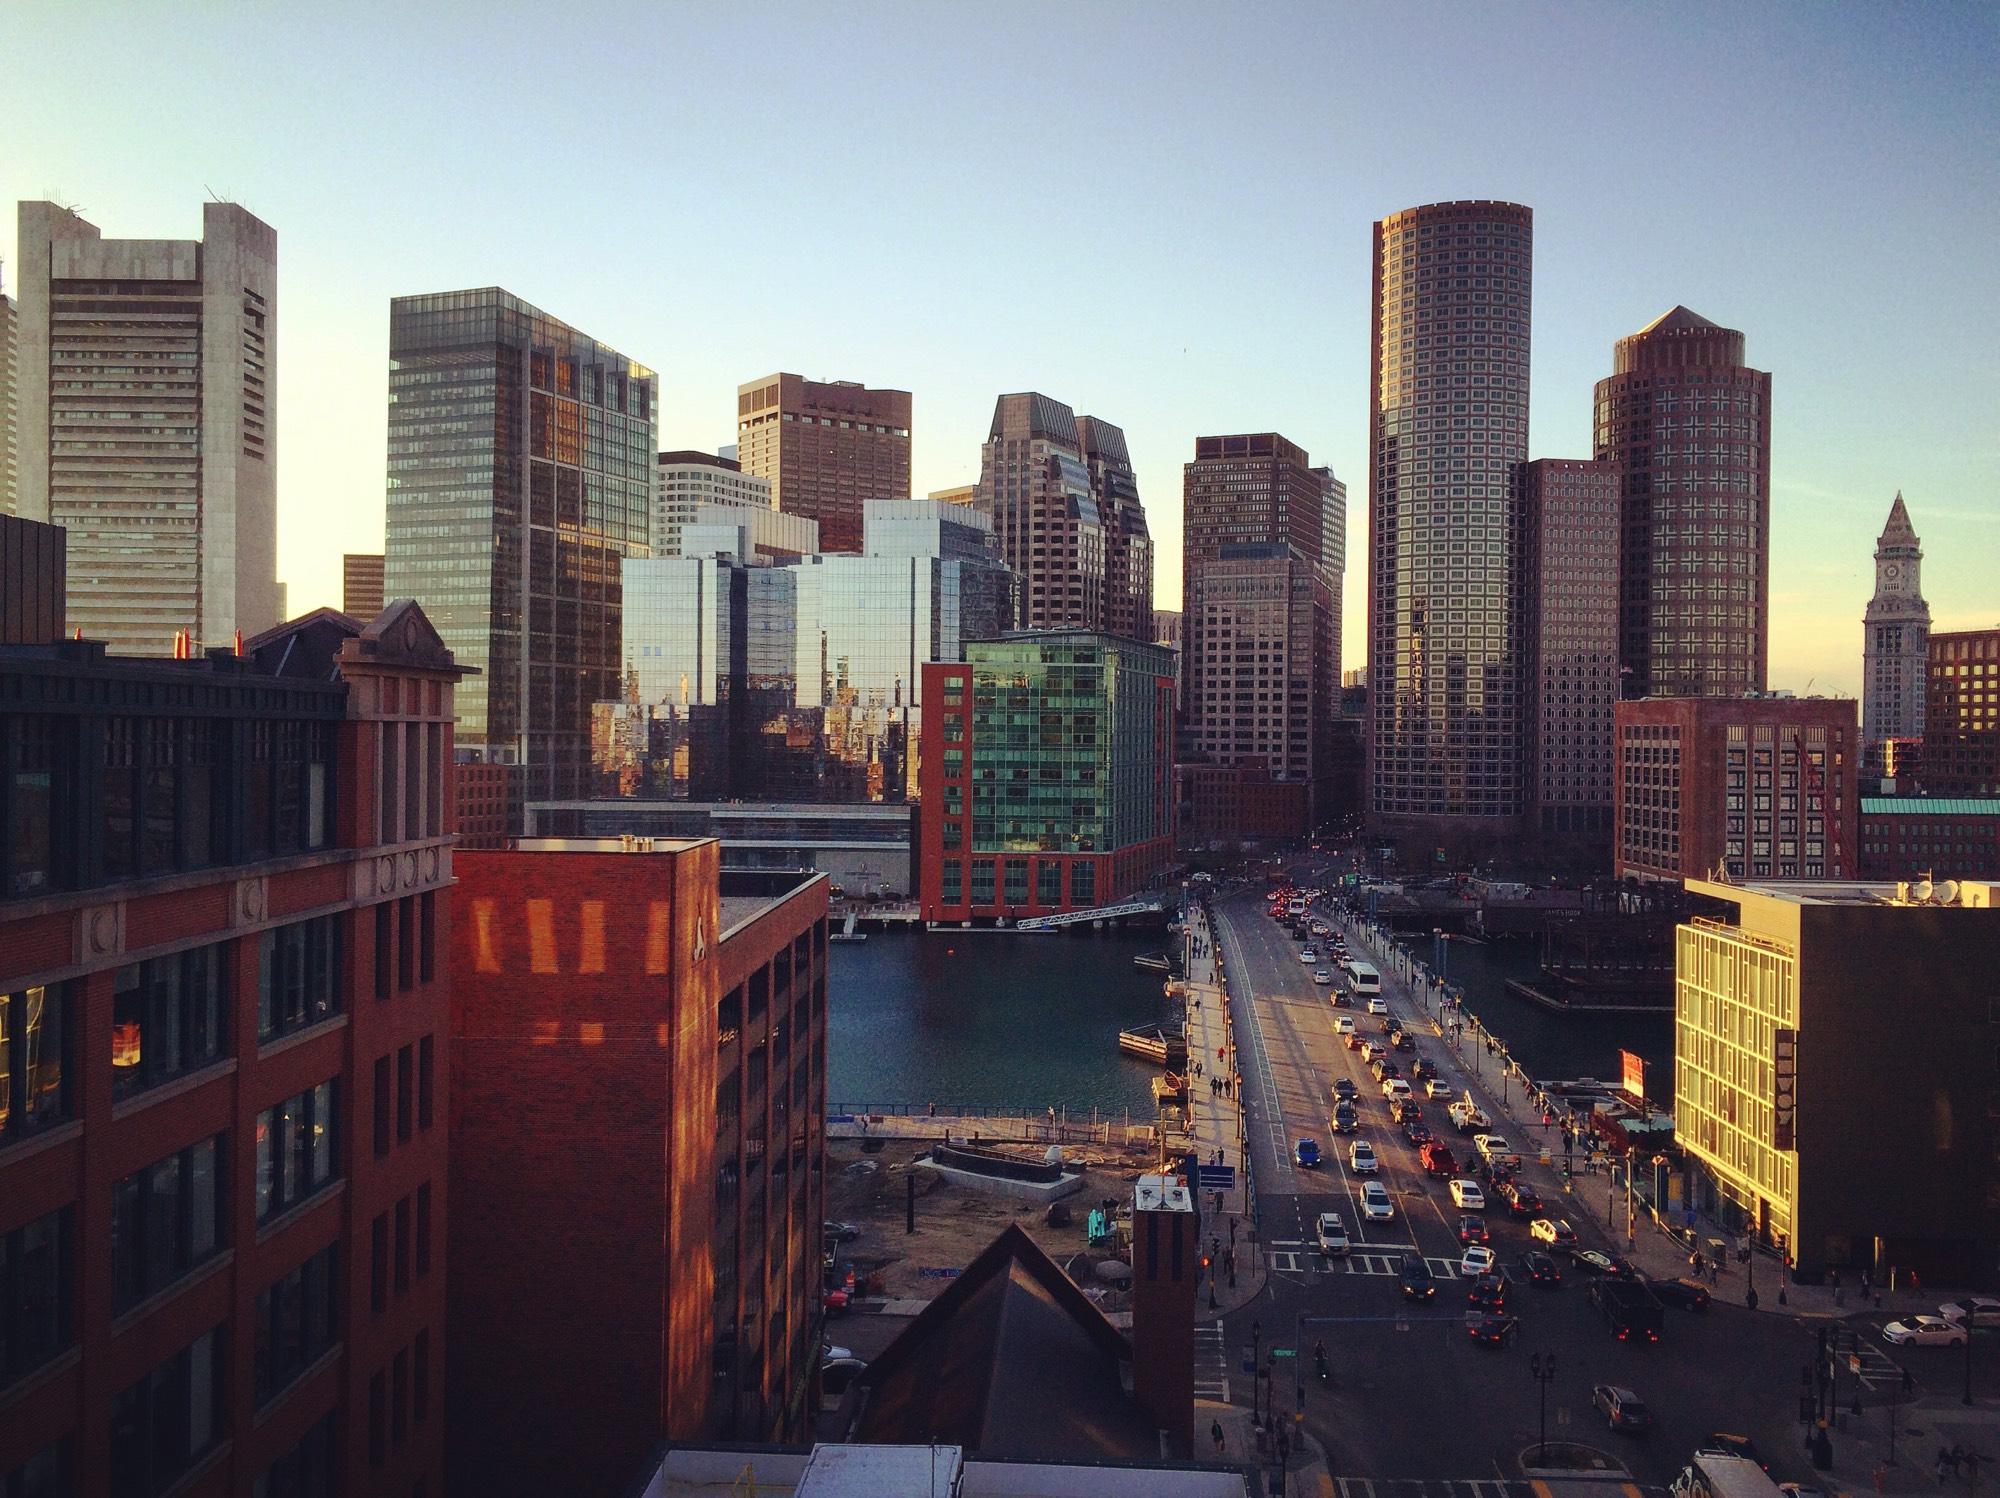 Panorama Boston - L'émergent Seaport District à Boston - Amérique, États-Unis, Massachusetts